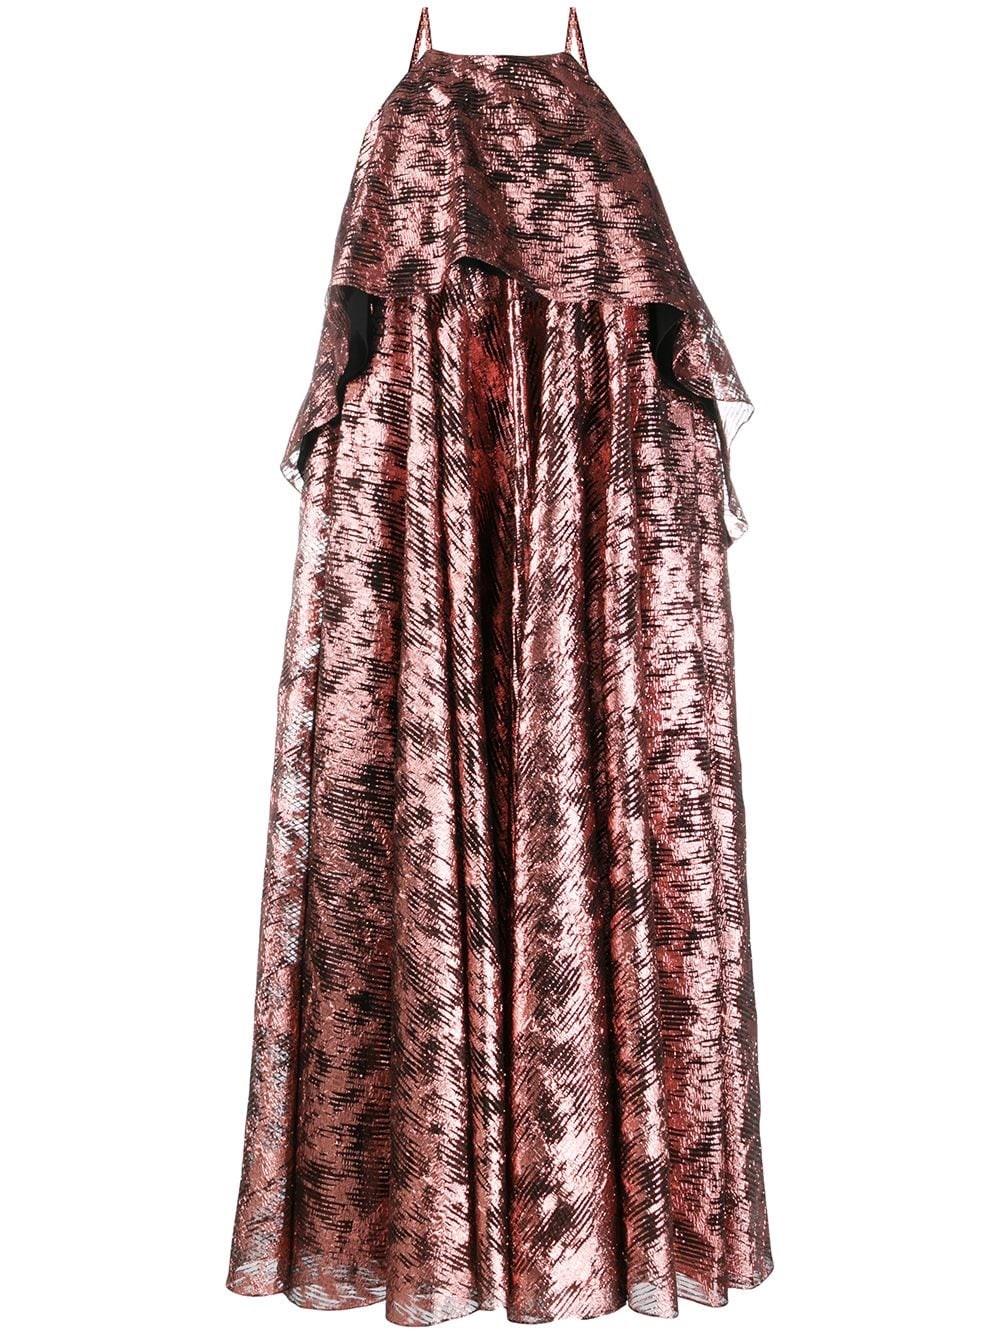 HALPERN Halter Neck Georgette Dress